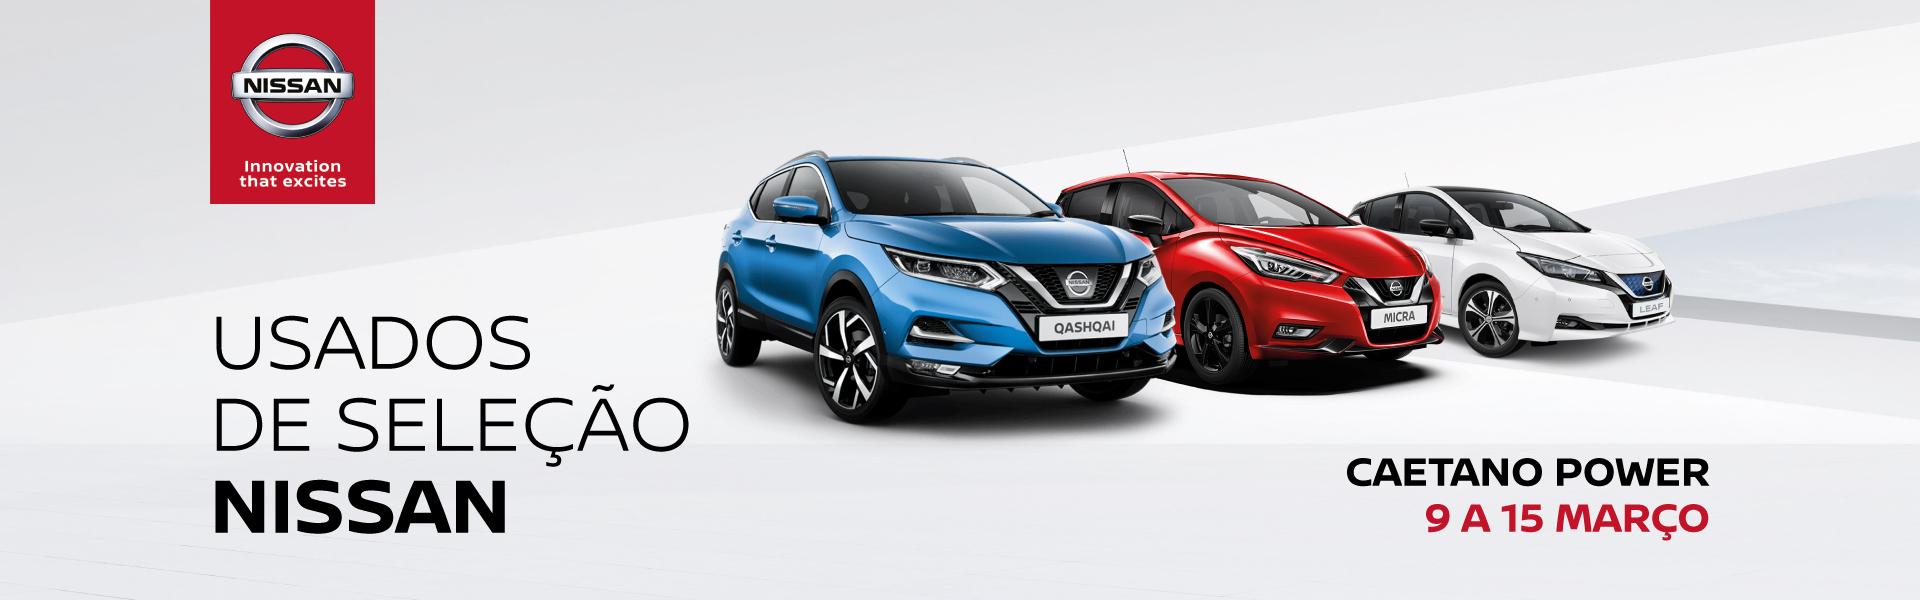 Campanha usados da Nissan